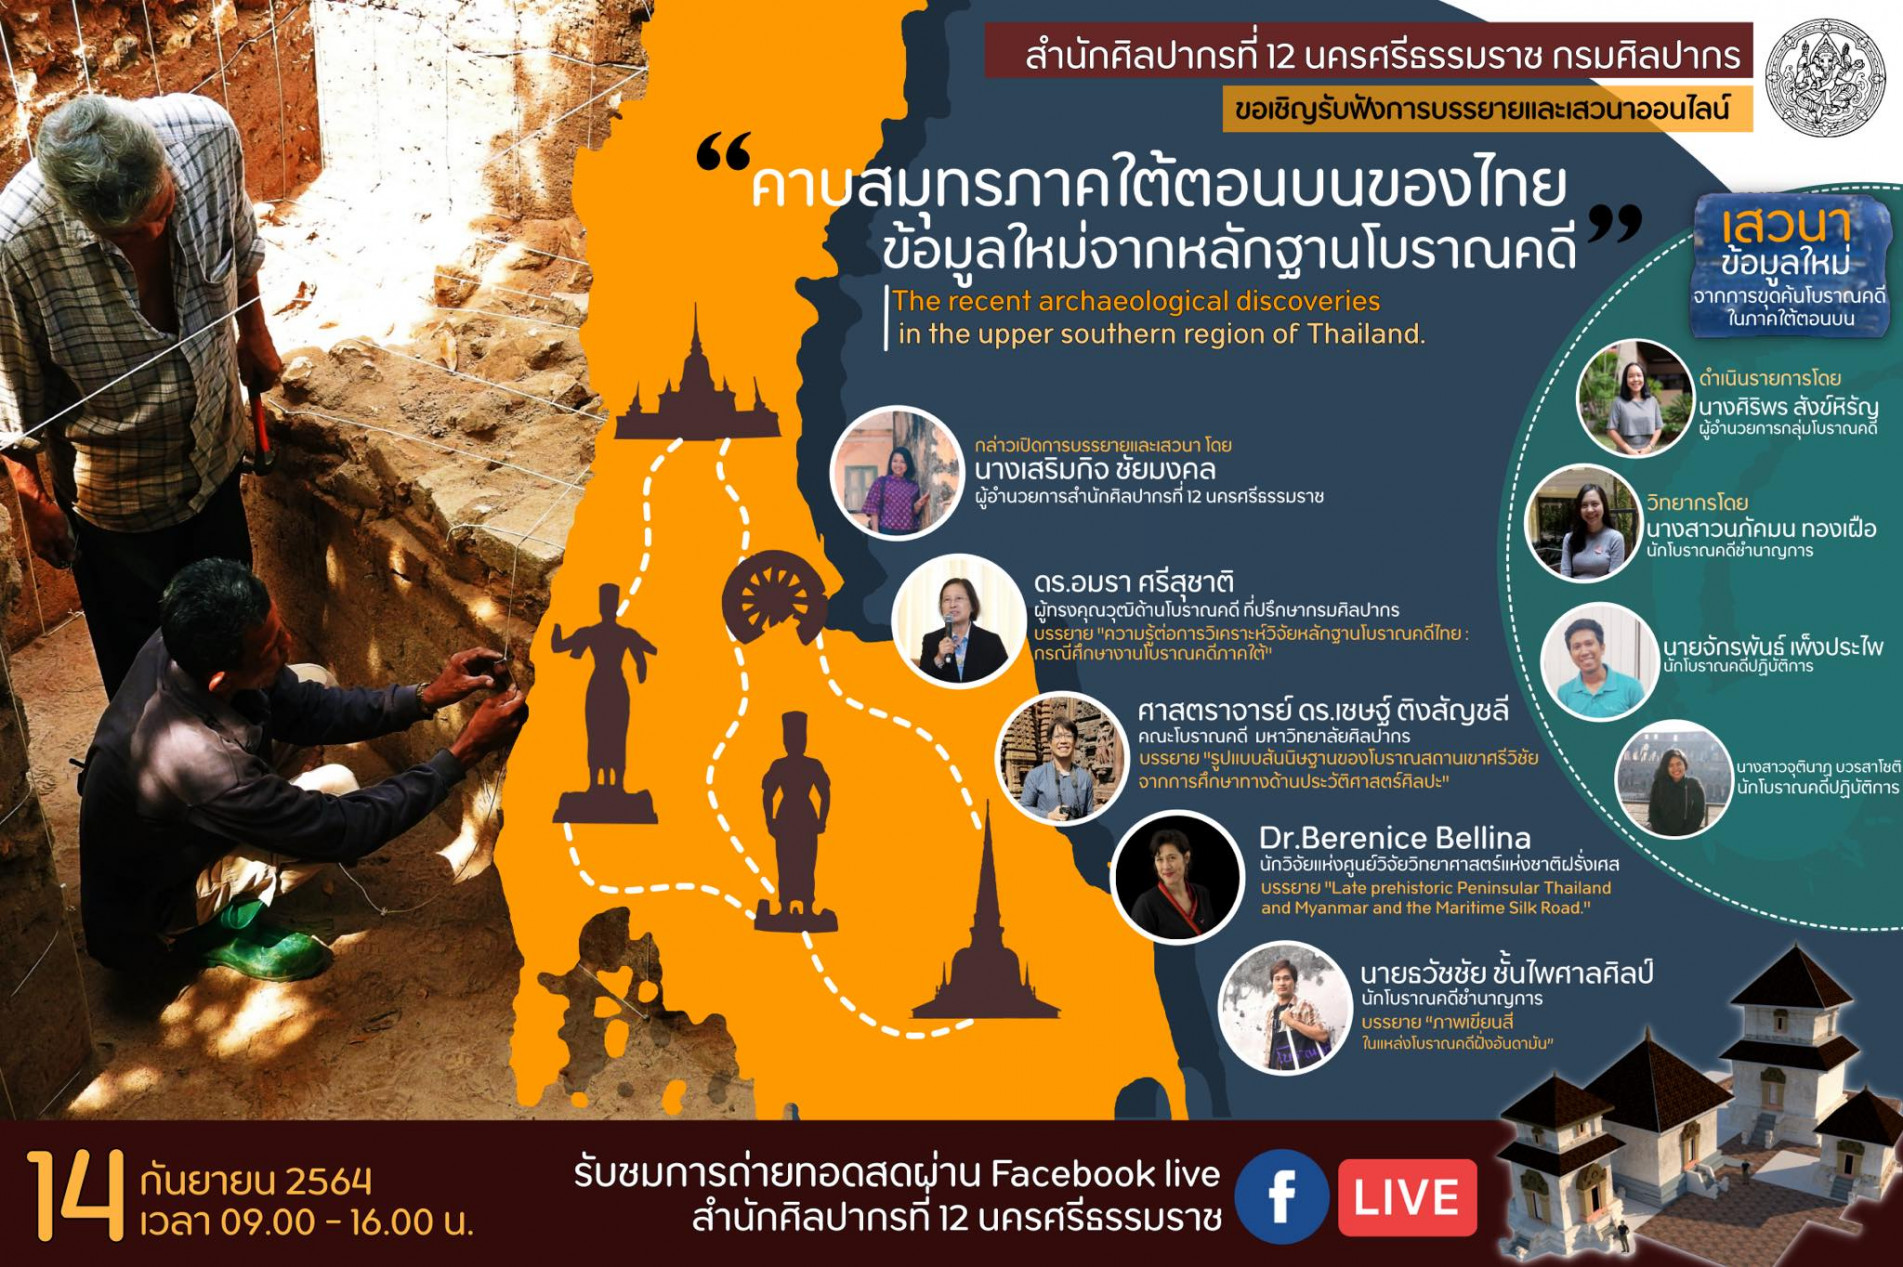 """ขอเชิญชม Facebook Live บรรยายและเสวนาทางวิชาการ """"คาบสมุทรภาคใต้ตอนบนของไทย ข้อมูลใหม่จากหลักฐานโบราณคดี"""""""